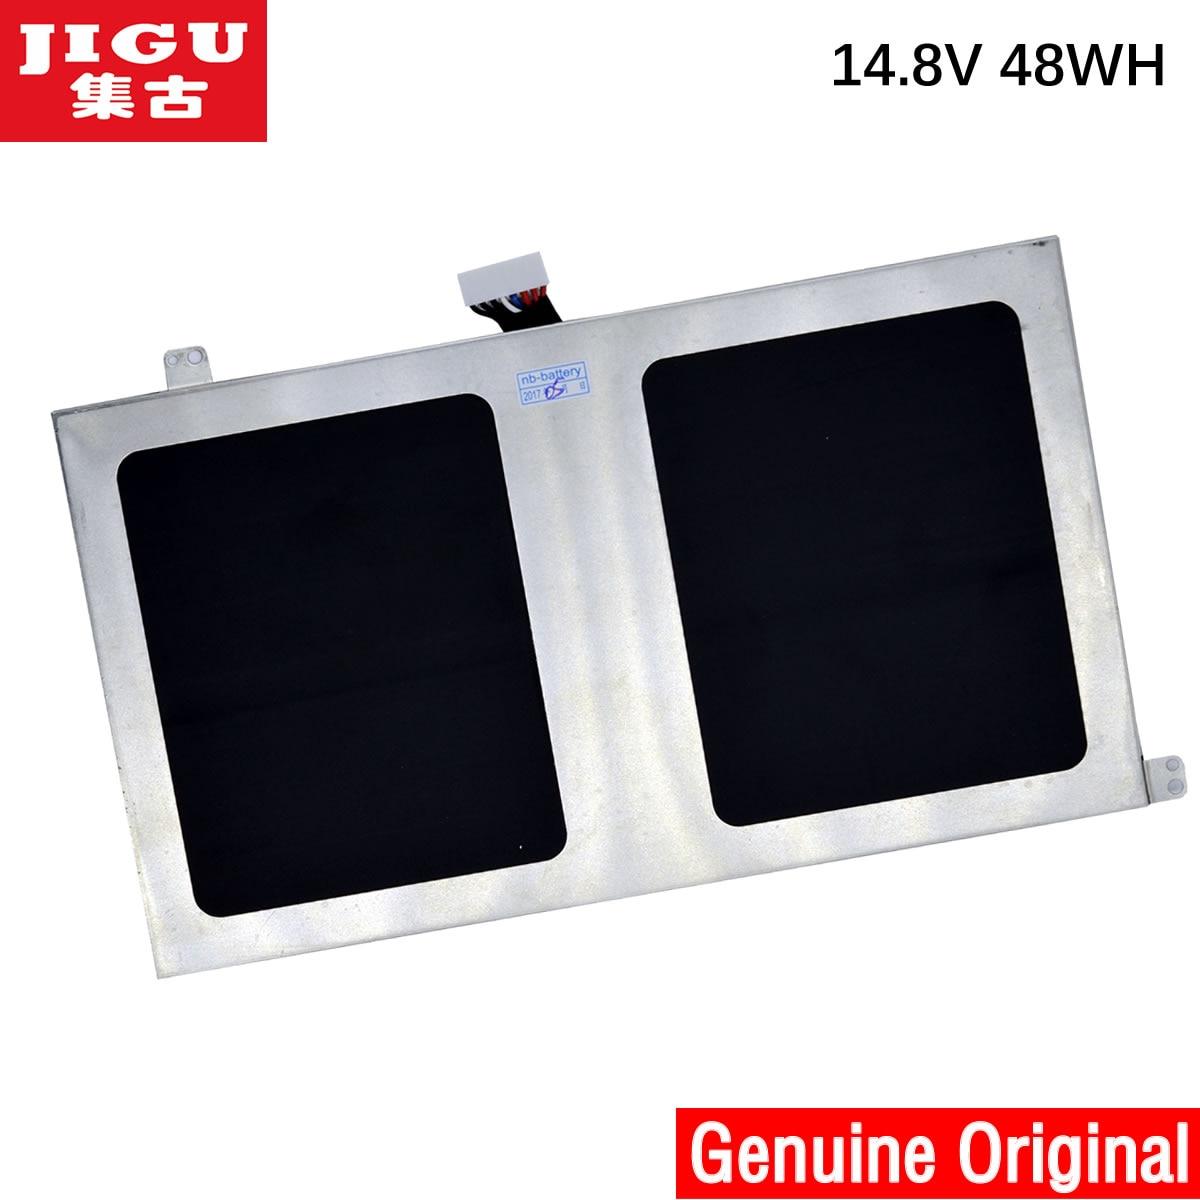 JIGU FMVNBP230 FPB0304 FPCBP410 Original laptop Battery For FUJITSU LIFEBOOK U554 U574 UH554 UH574 14.8V 48WH 3300MAH 10 8v 5800mah original new fpcbp179 battery for fujitsu lifebook s6420 s6421 s6410 s6520 s6510 s7210 s7220 fmvnbp160 fpcbp179ap